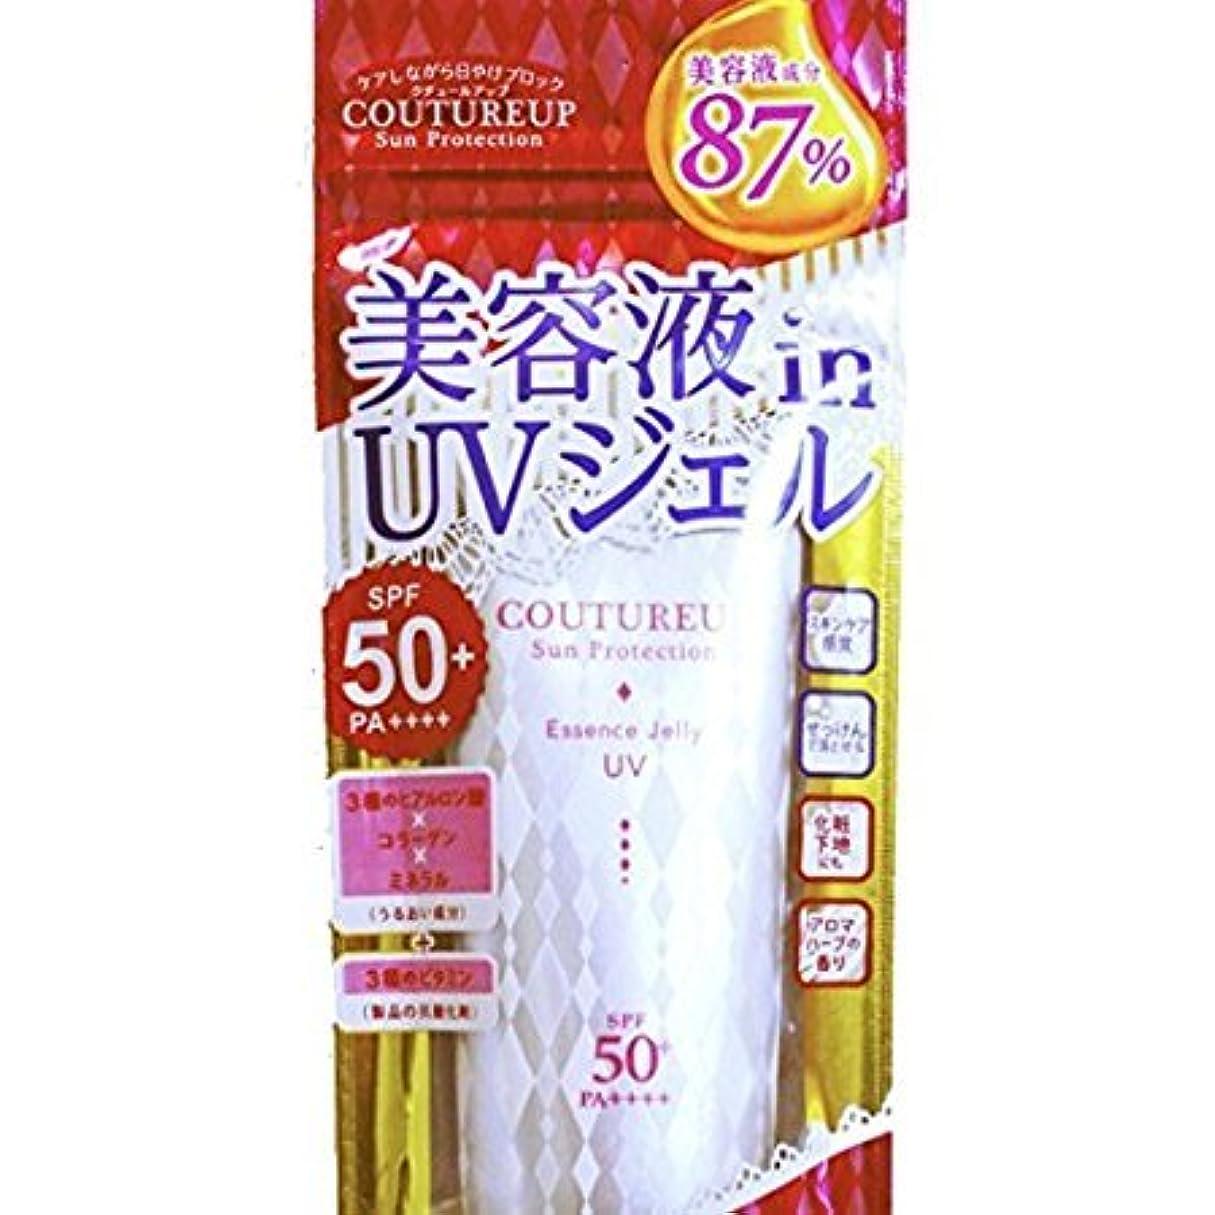 ポスター怠けたパス美容液 in UVジェル SPF50+/PA++++ 65g 美容液成分87% 日焼け止め&化粧下地